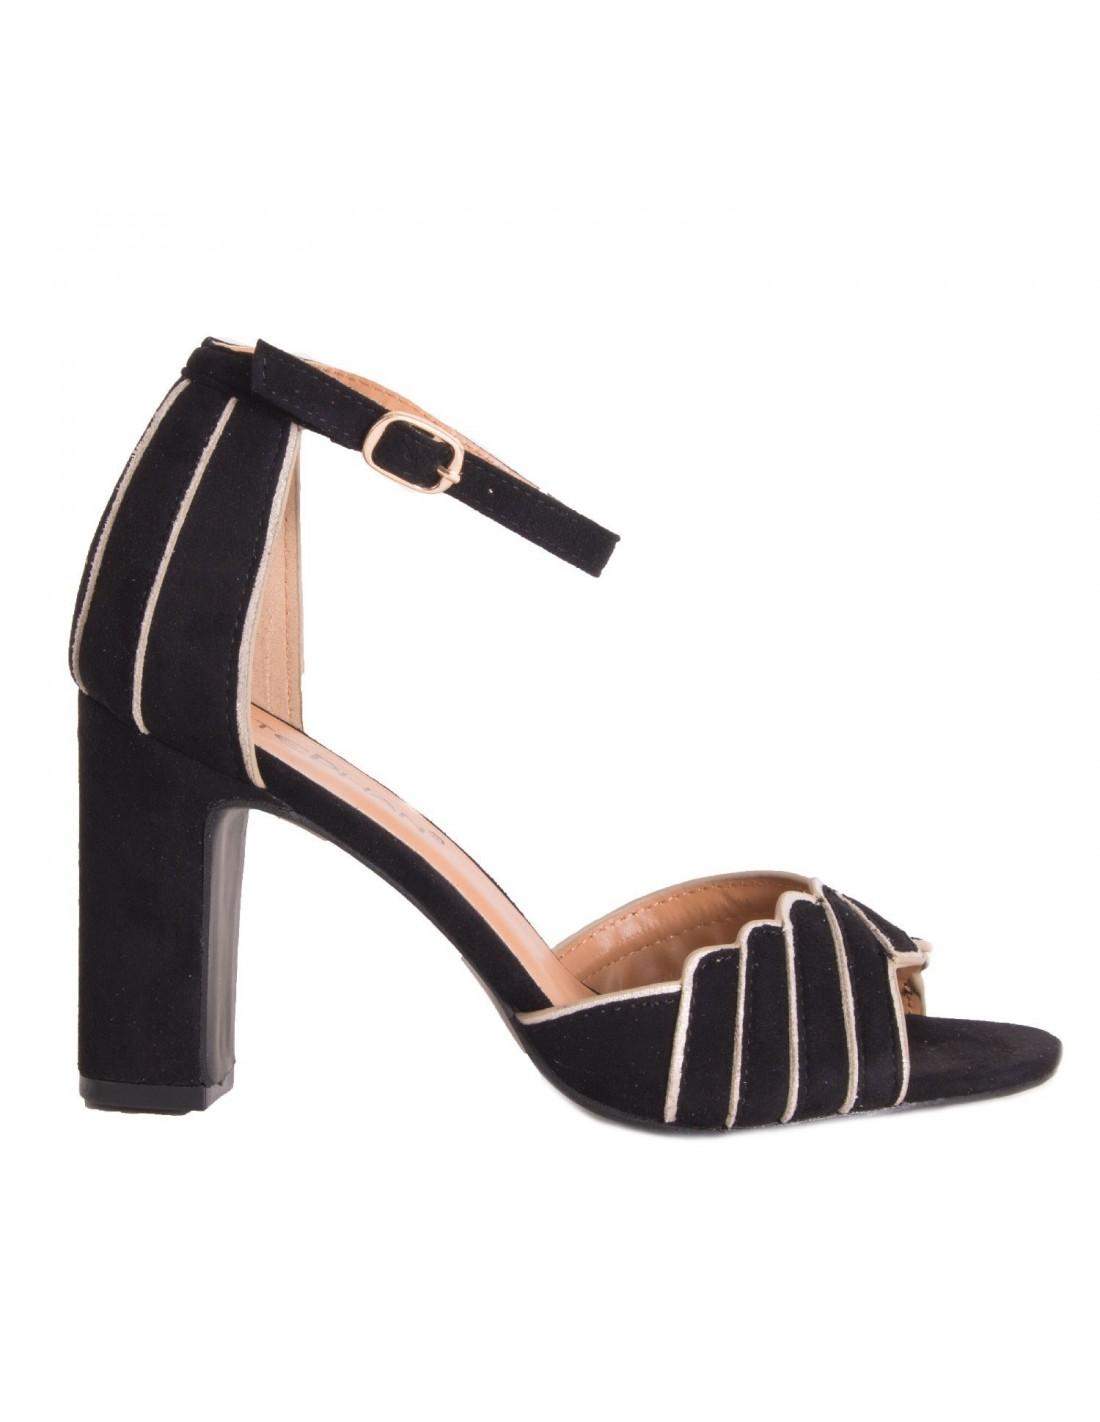 Débardeur Femme Bloc Talon Haut Bride Cheville Bout Ouvert Sandales Chaussures Taille